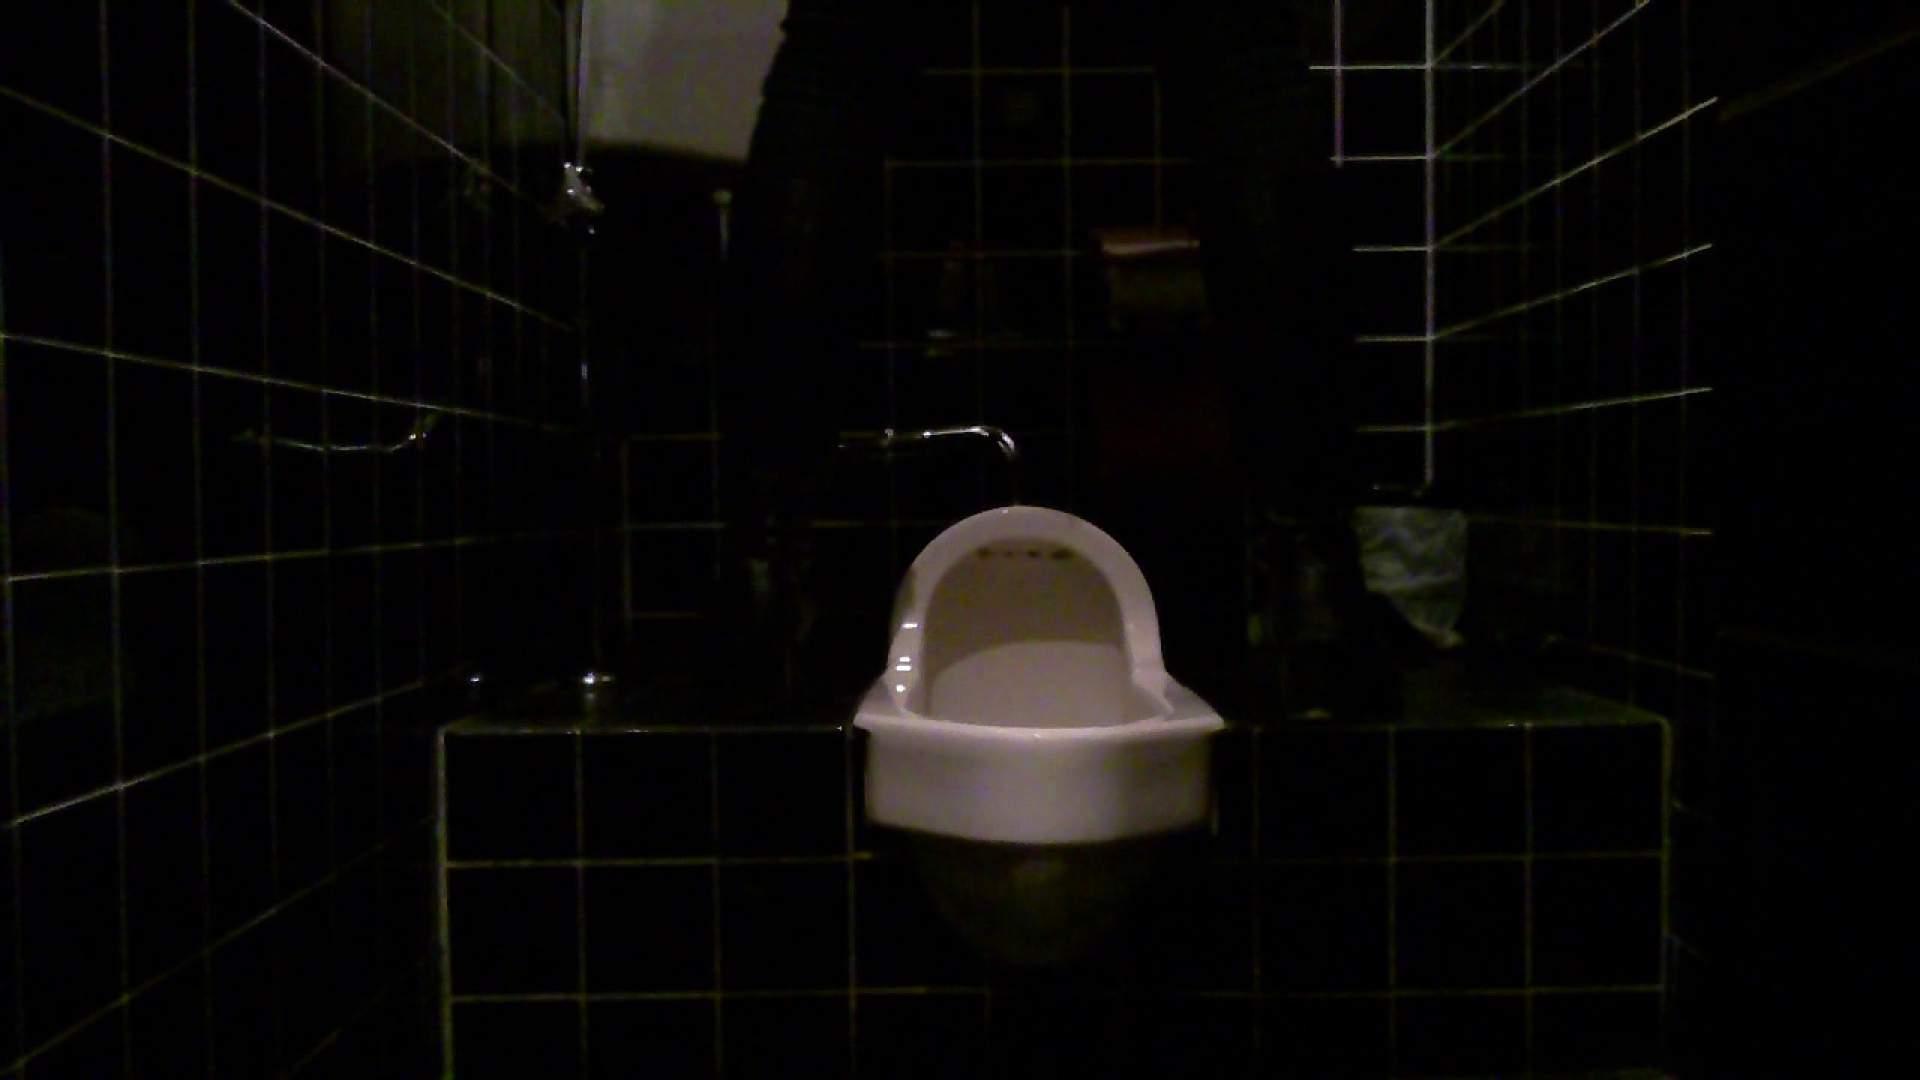 美女の集まる飲み屋洗面所 vol.05 OLの実態 覗きスケベ動画紹介 61pic 30